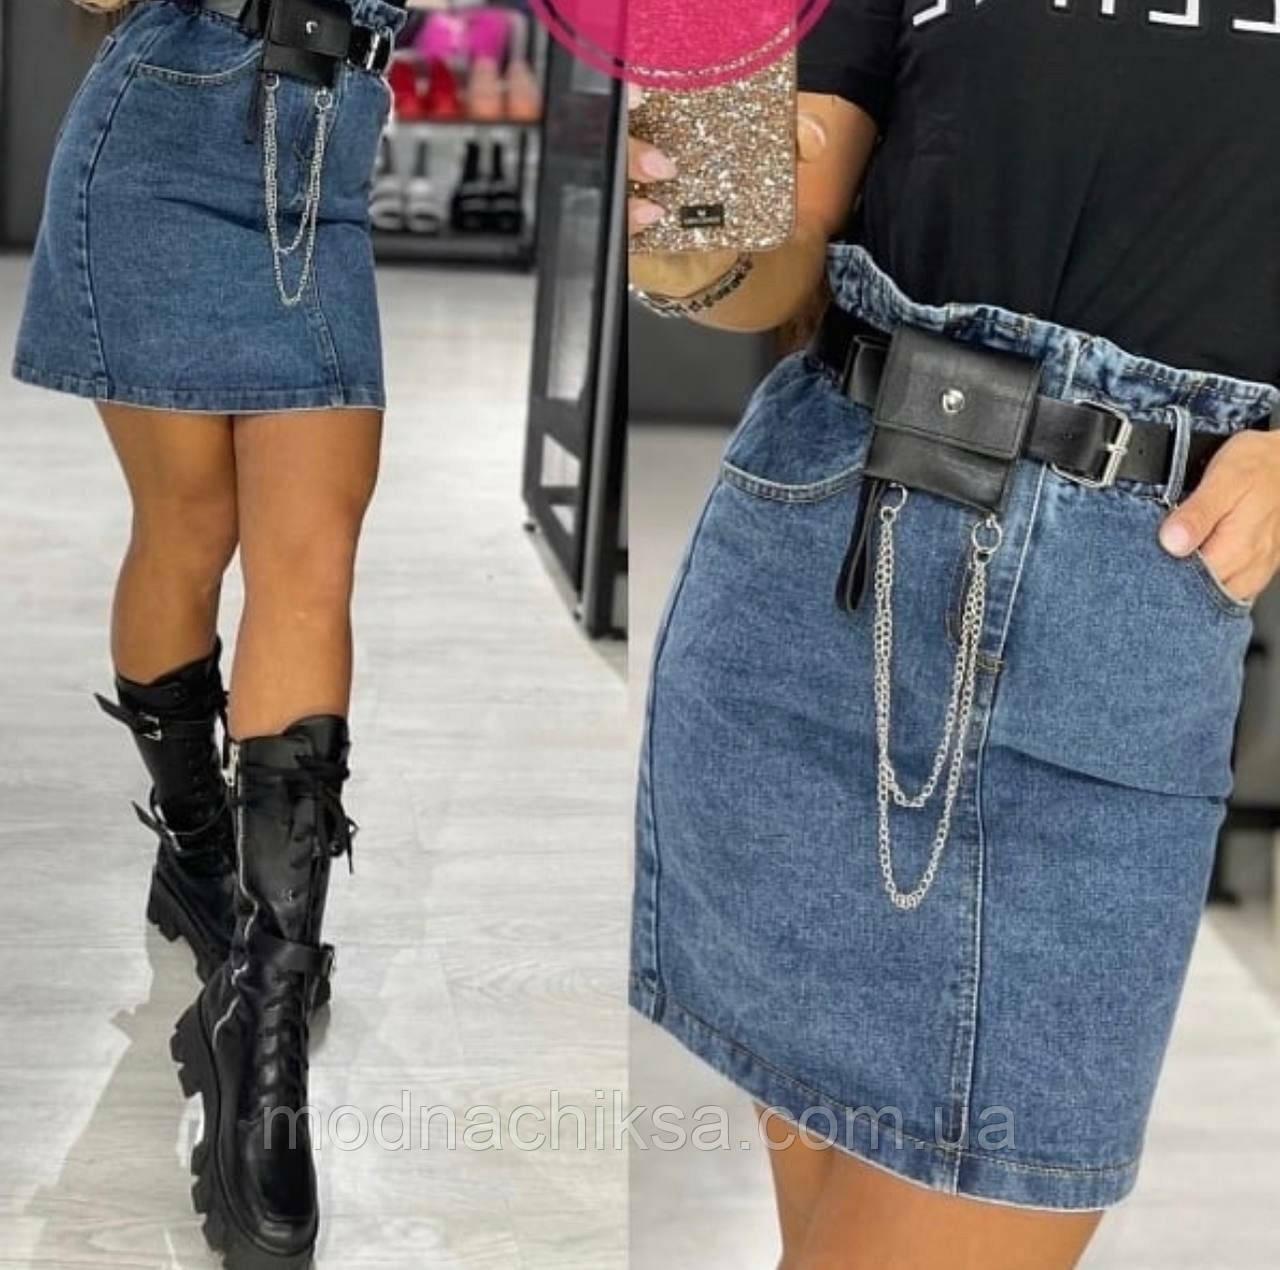 Юбка джинсовая мини пояс с кошельком в комплекте